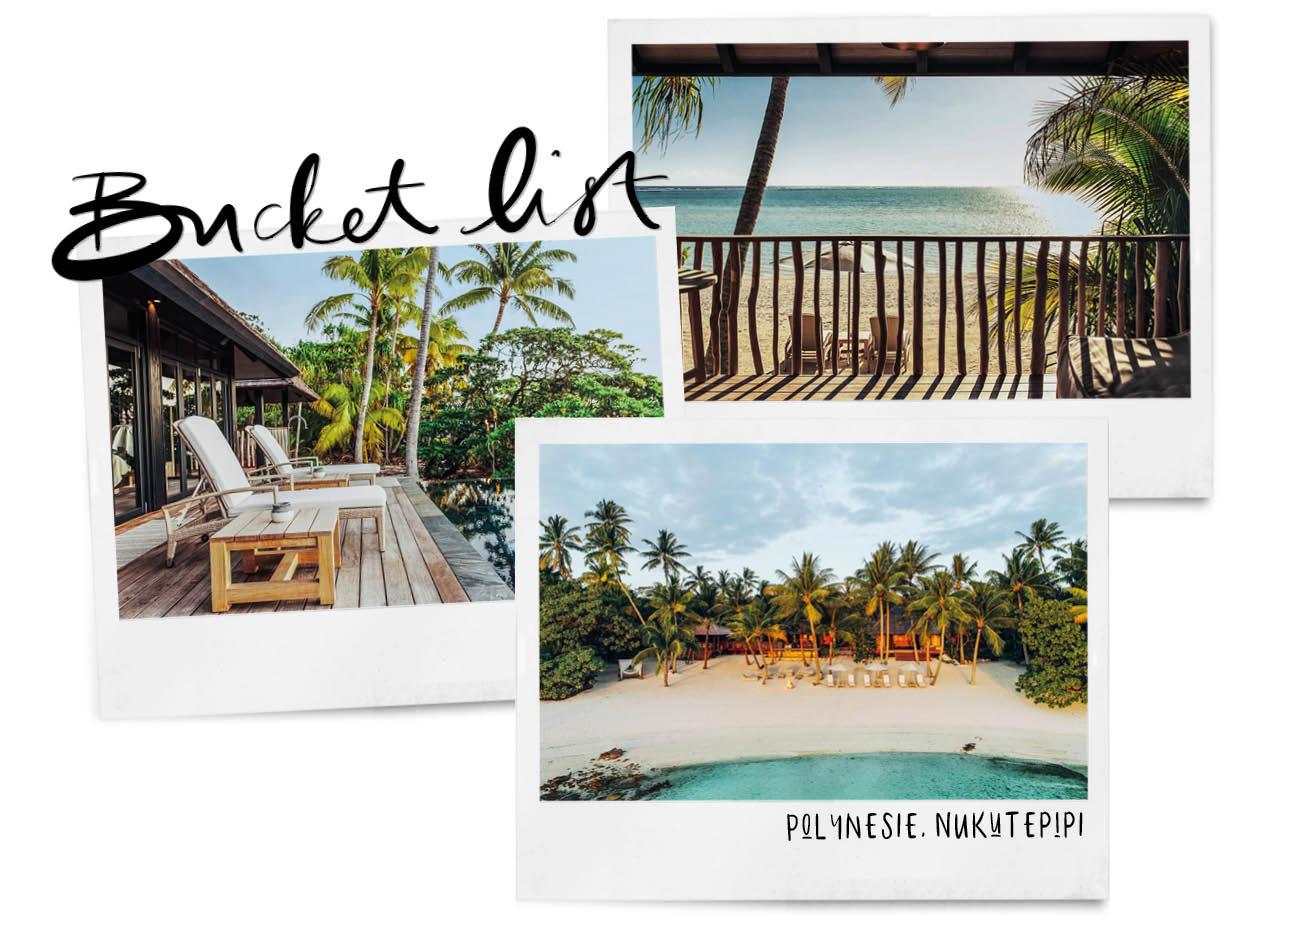 Polynesië, Nukutepipi airbnb